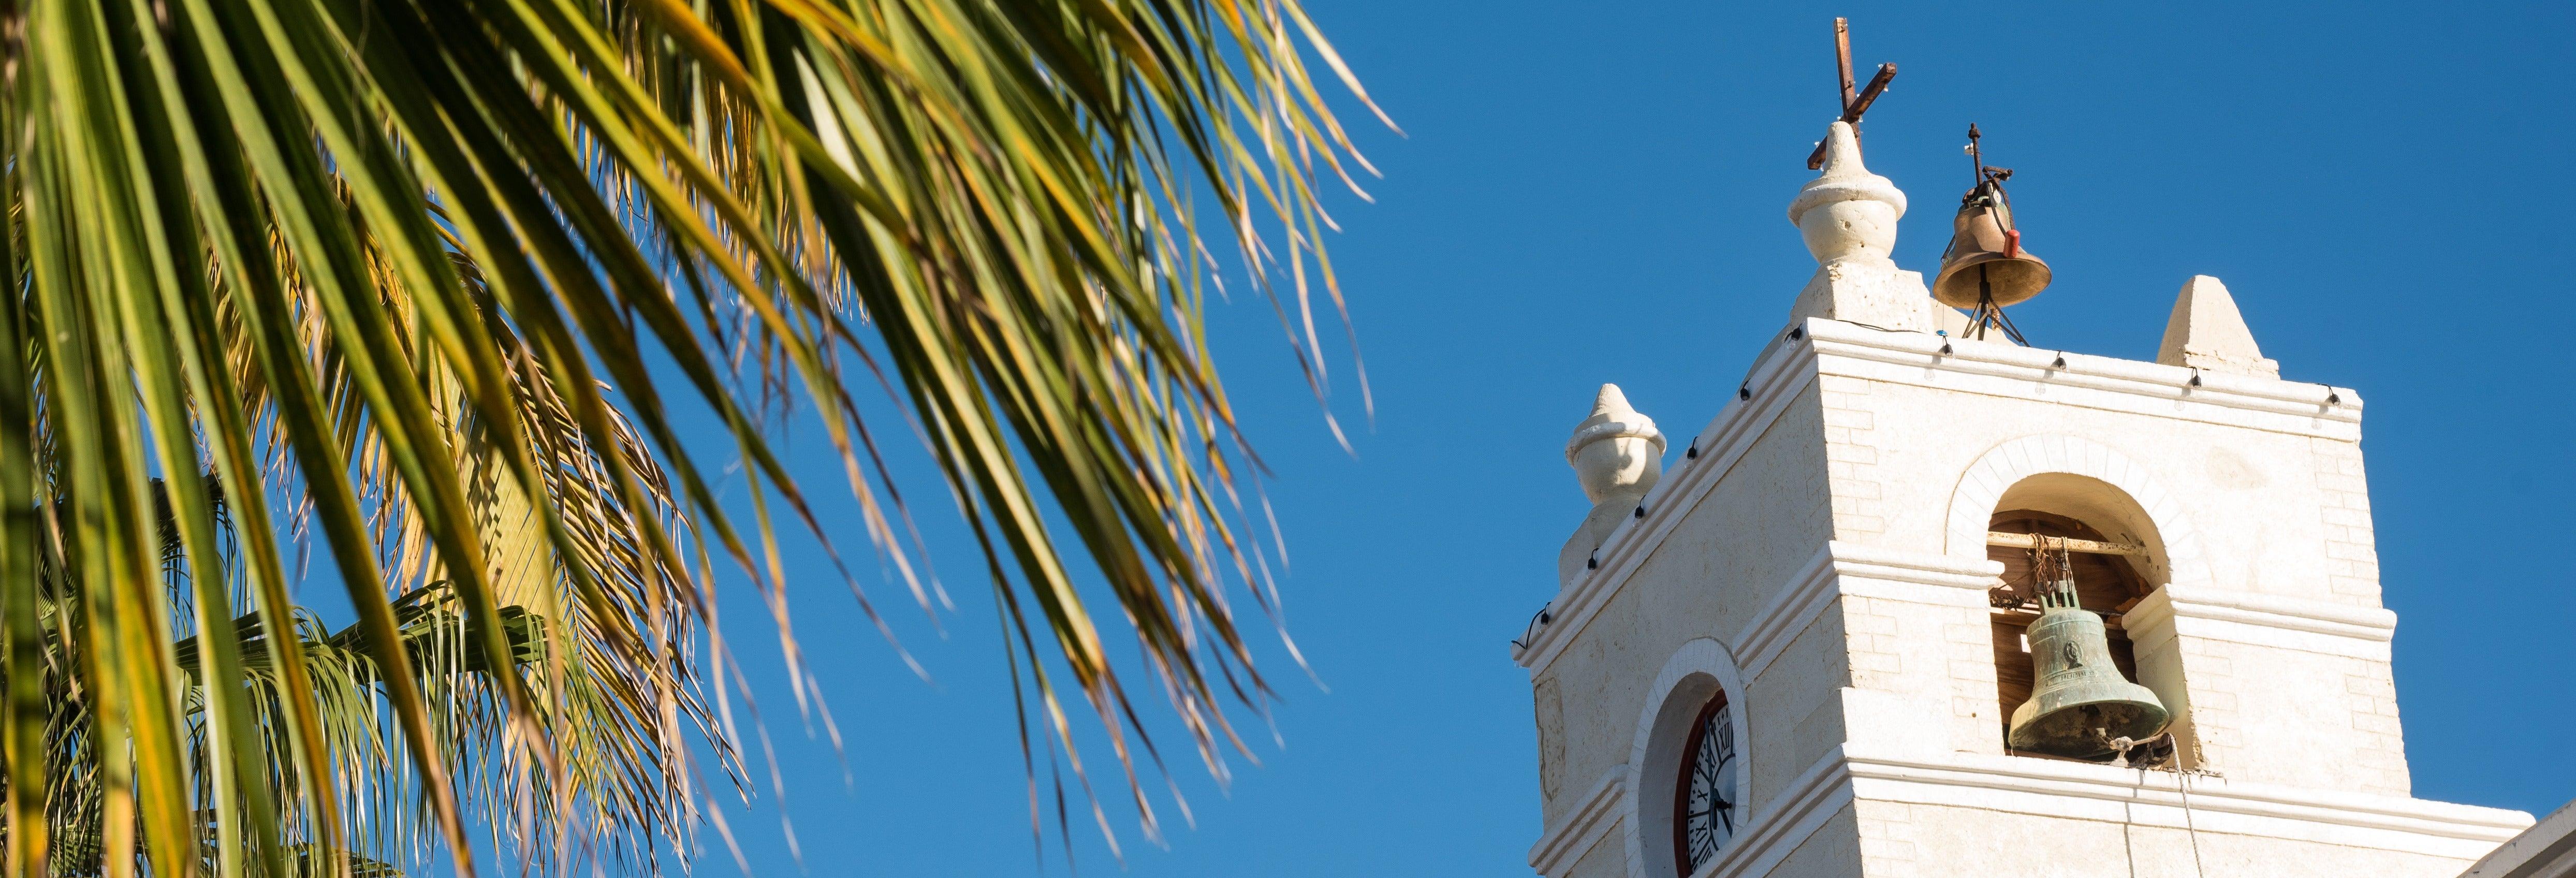 Excursion à La Paz, au Tropique du Cancer et à Todos Santos